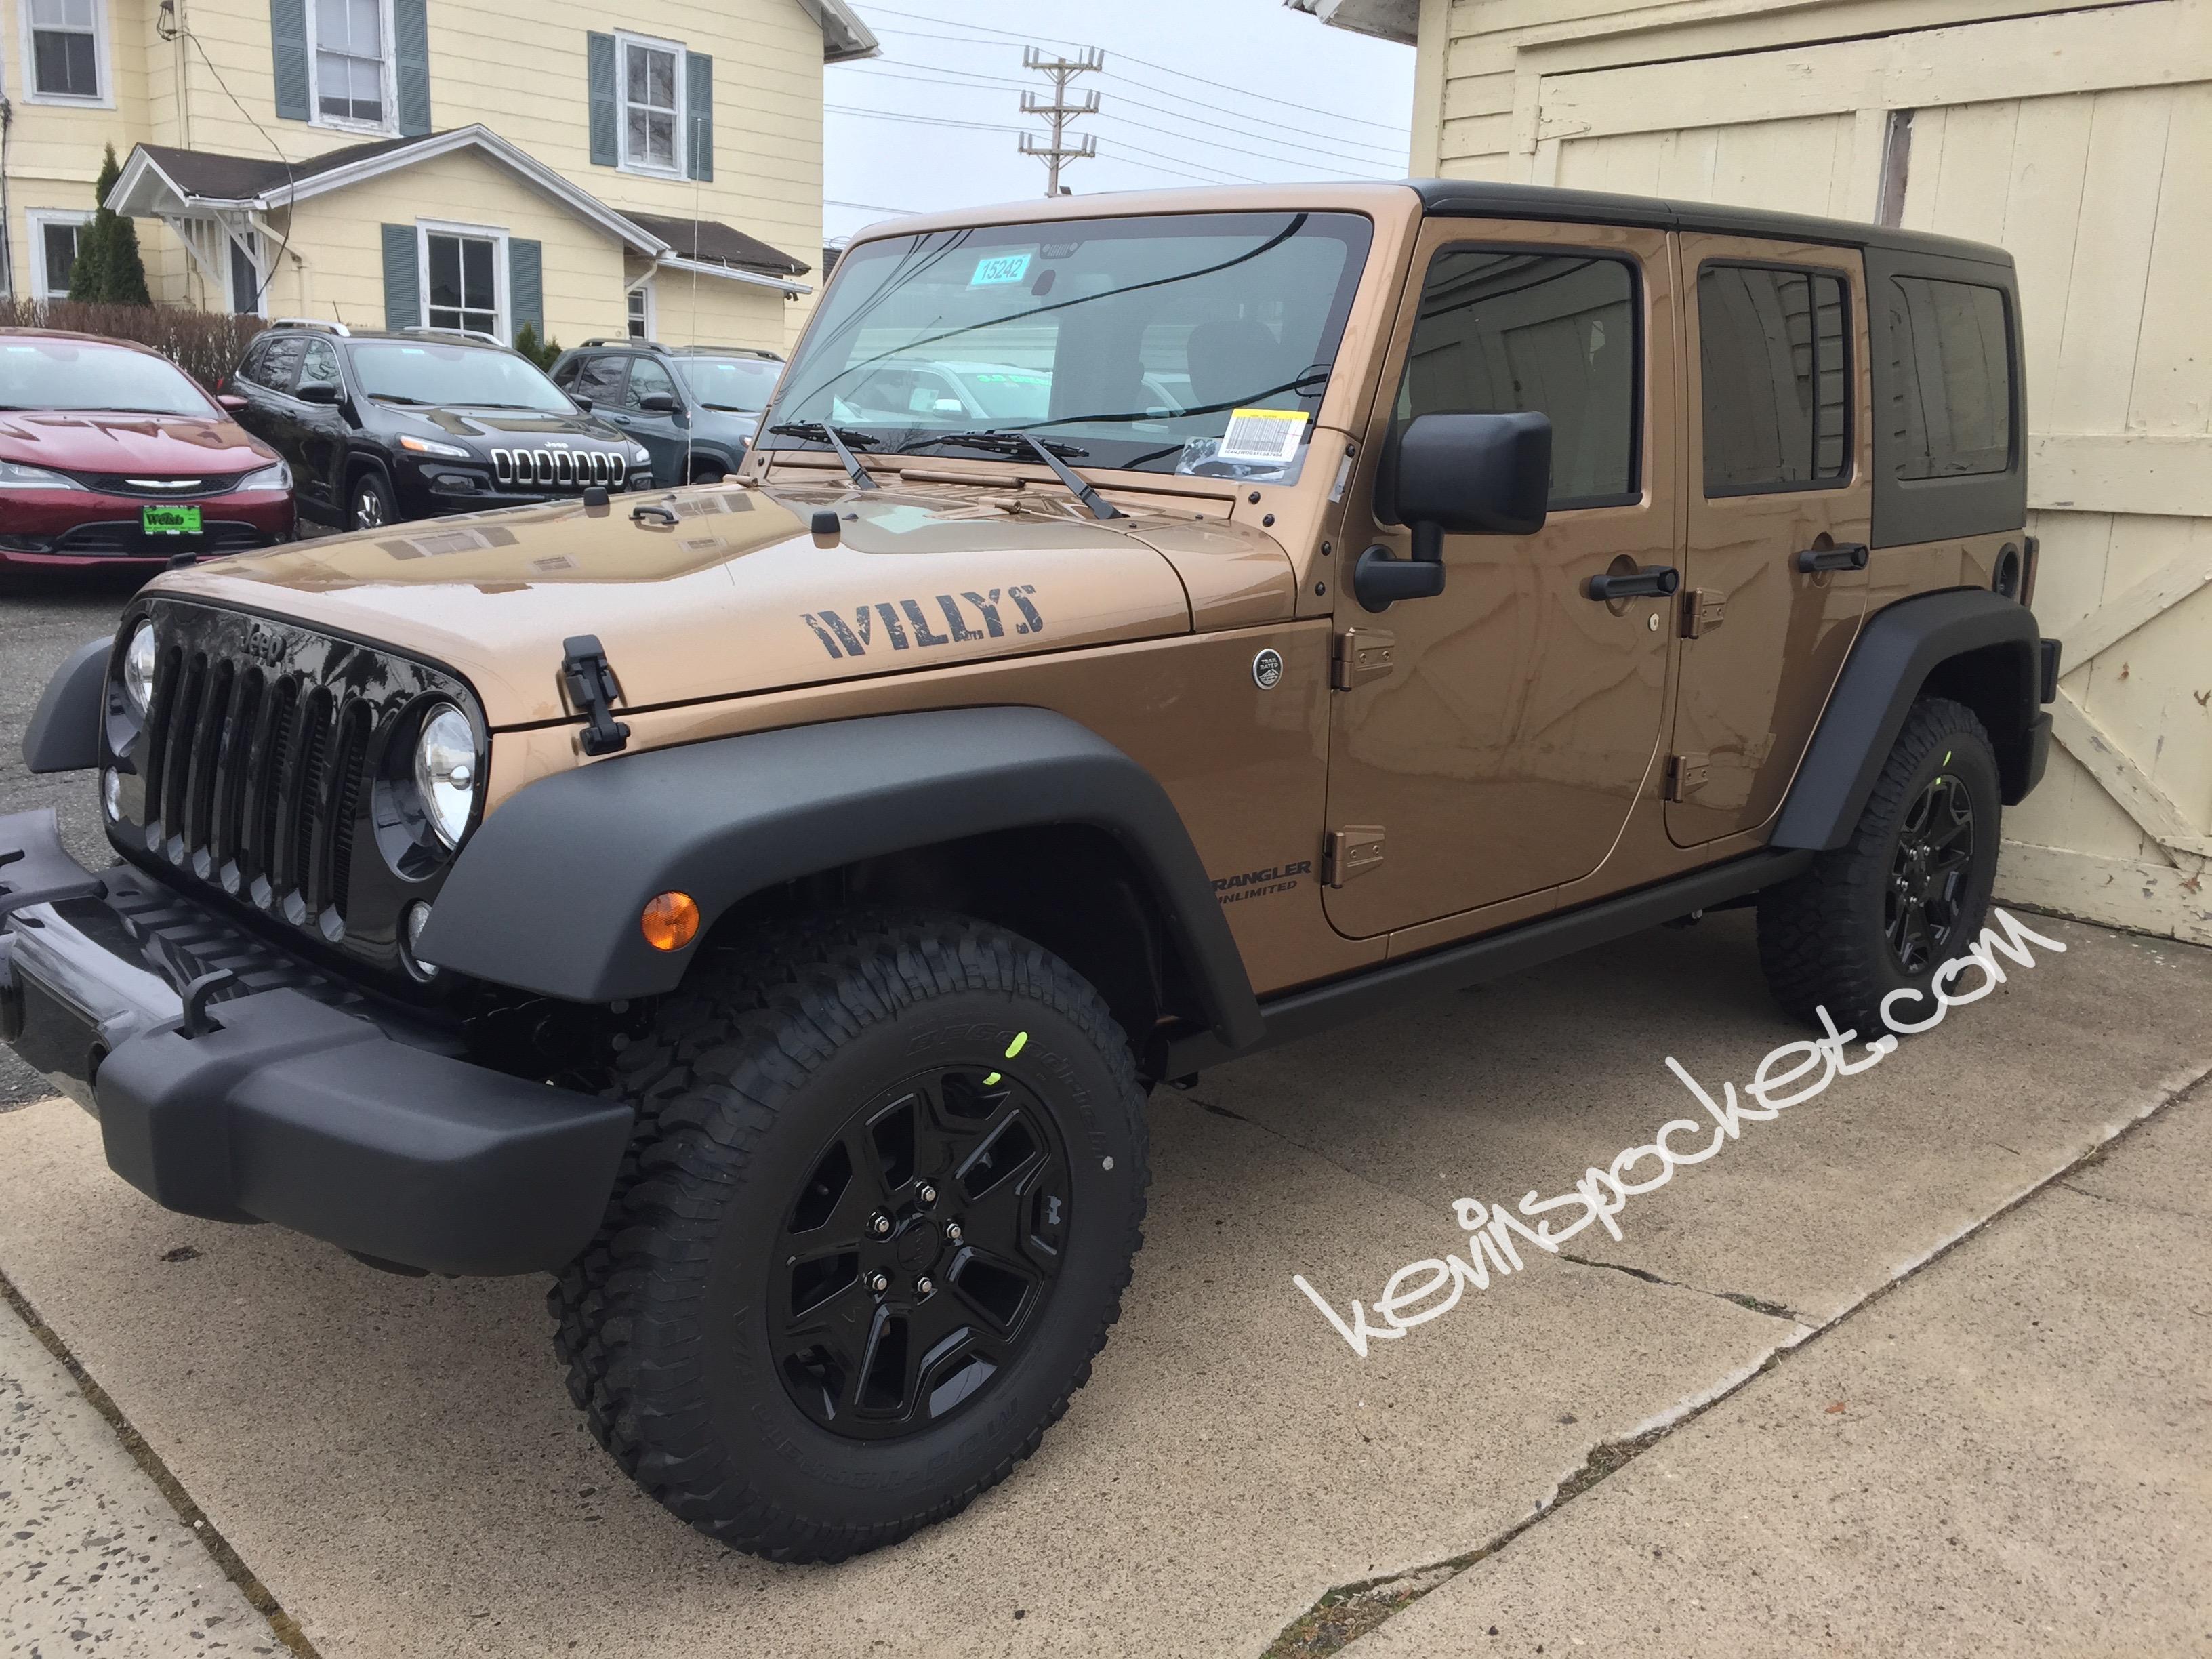 2015-Jeep-Wrangler-JK-Copper-Brown-001 – kevinspocket - photo#10